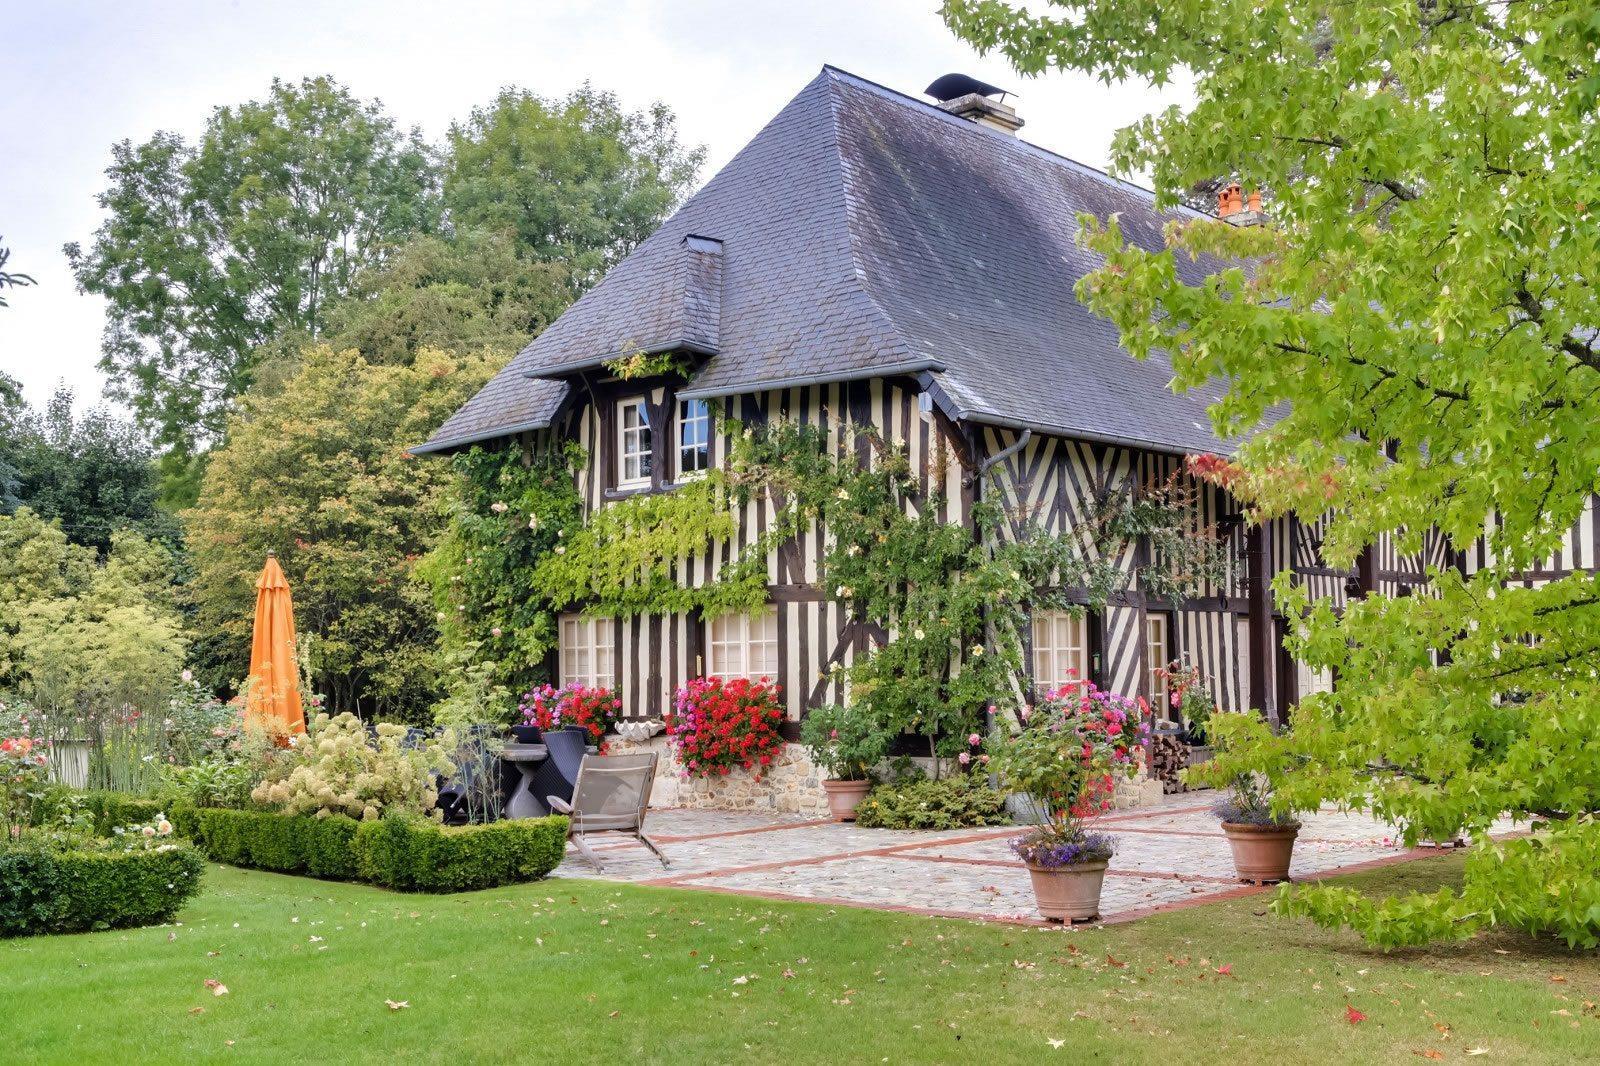 sublime-propriete-normande-a-vendre-pont-leveque-bureau-cave-pissublime-propriete-normande-a-vendre-pont-leveque-bureau-cave-piscine-spa-jardin-garagescine-spa-jardin-garages